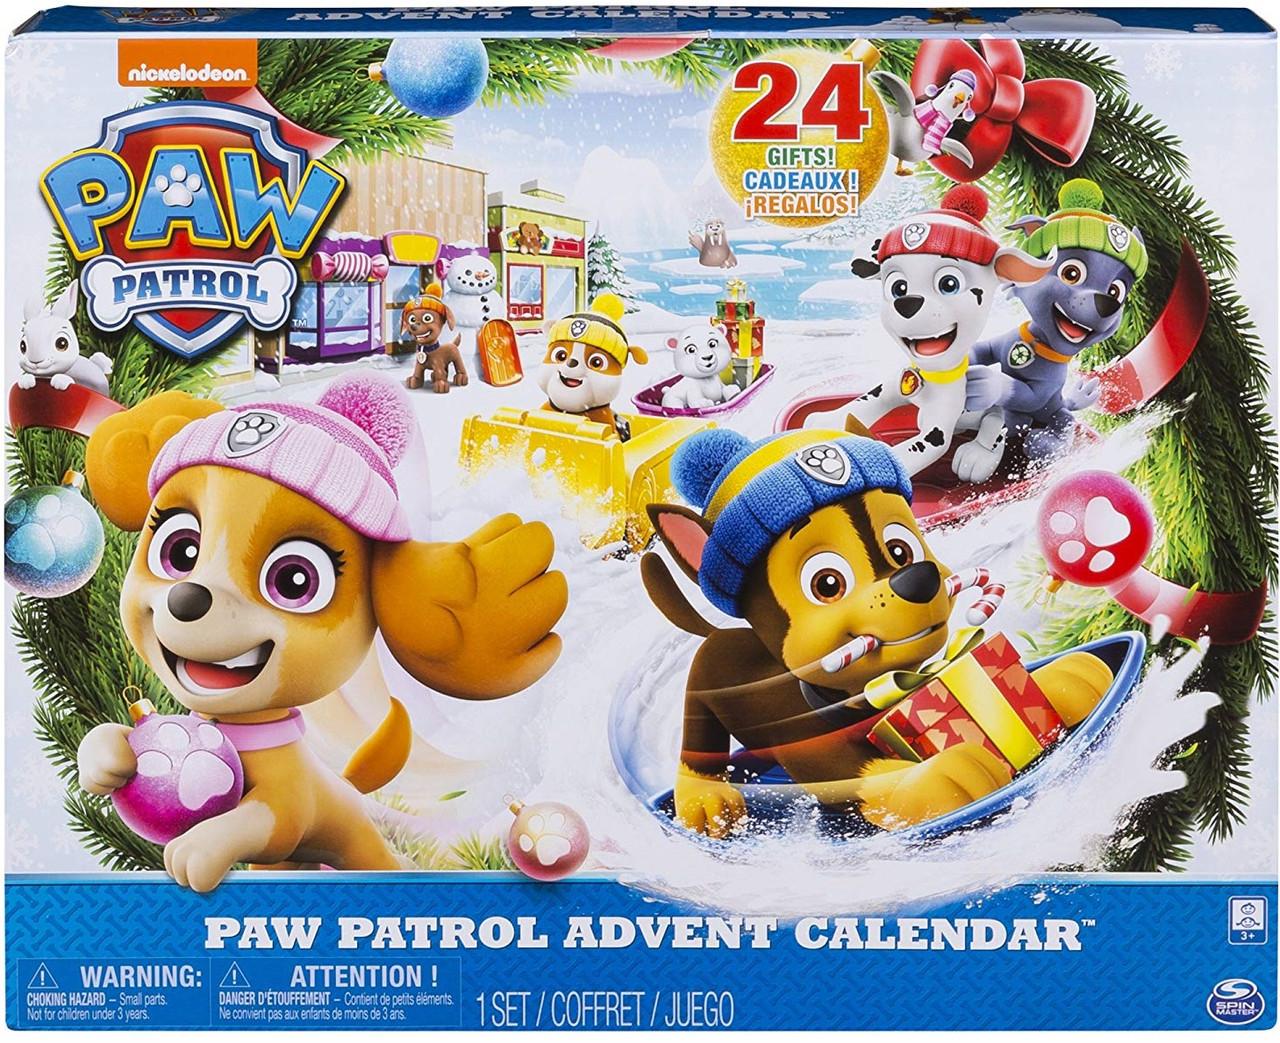 Набор щенячий патруль Адвент календарь 24 сюрприза 2018 год! Paw Patrol Advent Calendar, Spin Master из США